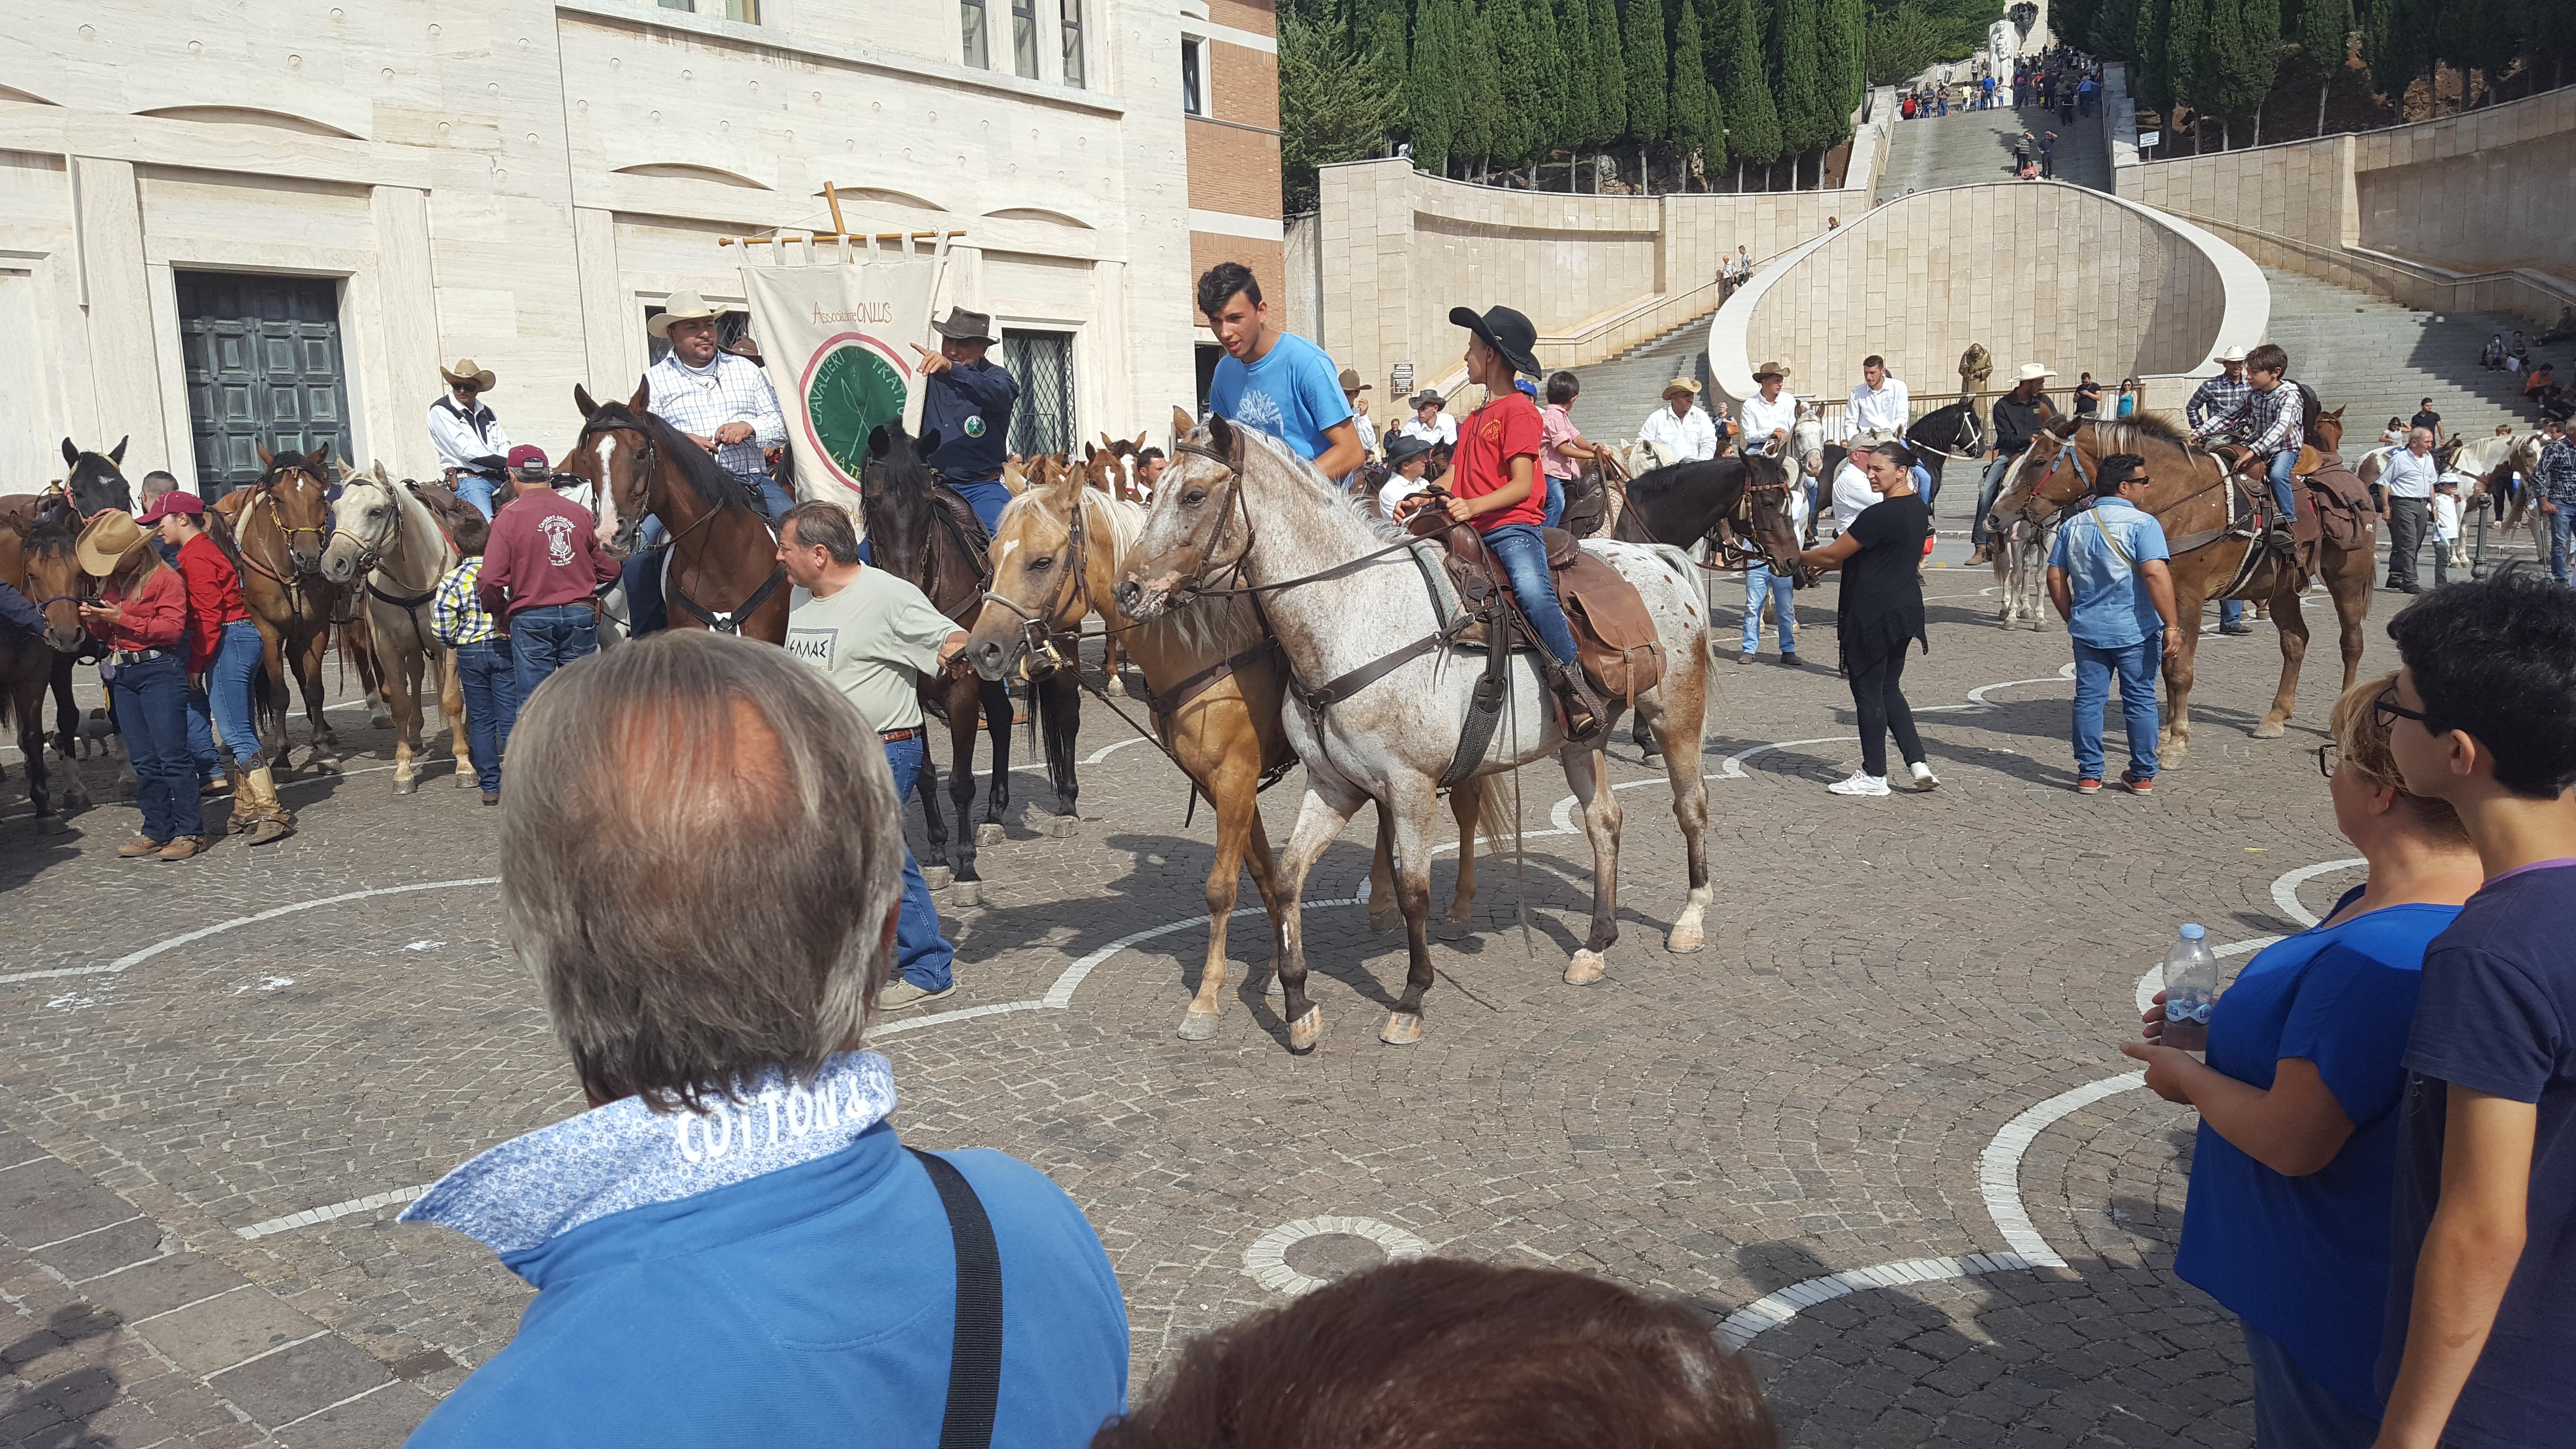 Pellegrinaggio a cavallo per San Pio da Pietrelcina